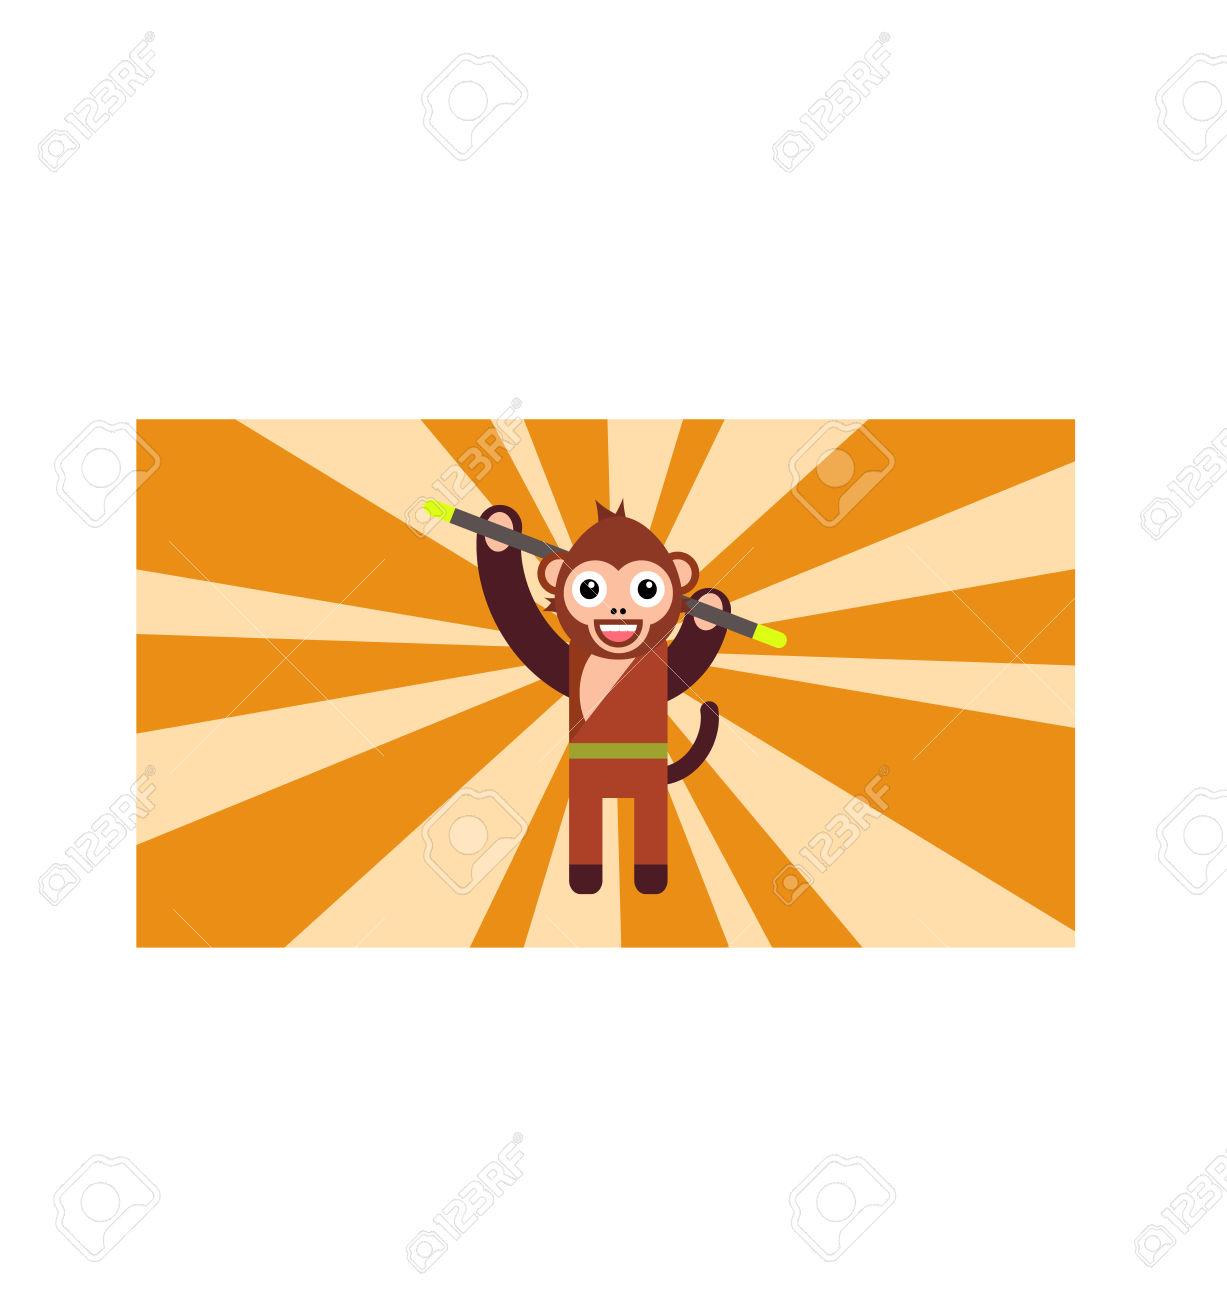 The Year Of Monkey, Monkey Turn, Monkey Holding Magic Stick.